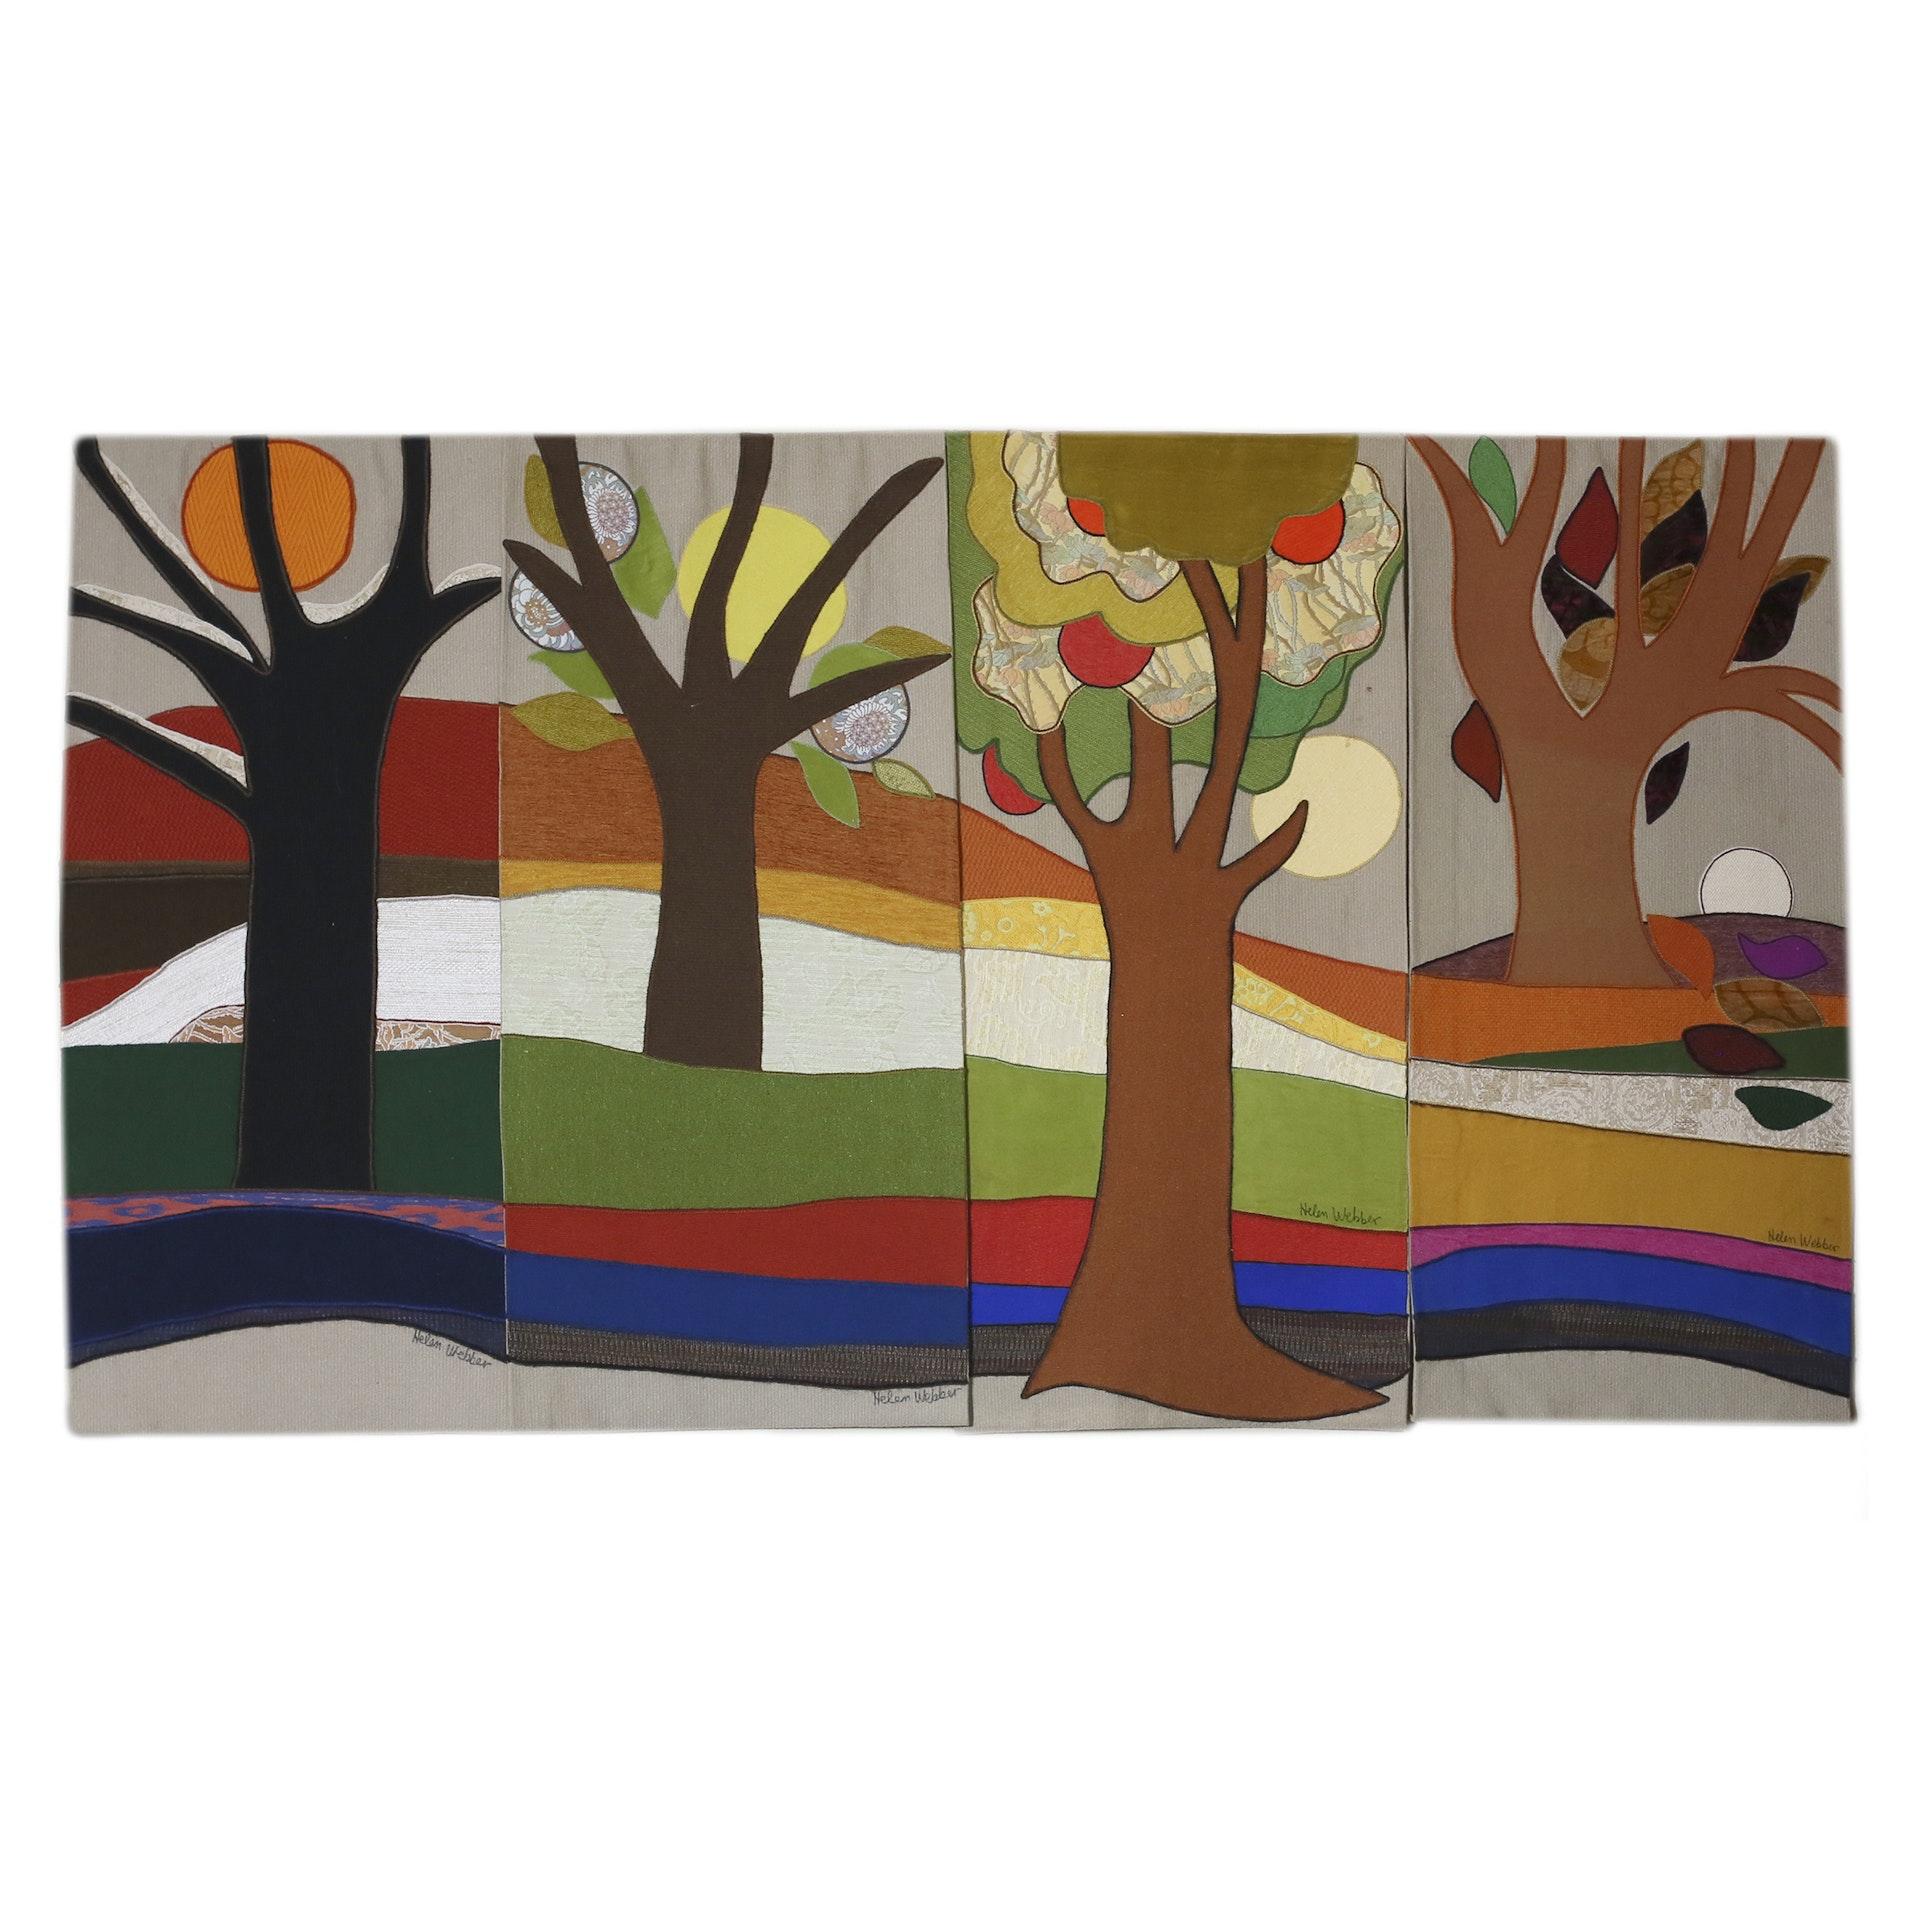 Helen Webber One-of-a-Kind Original Tapestry